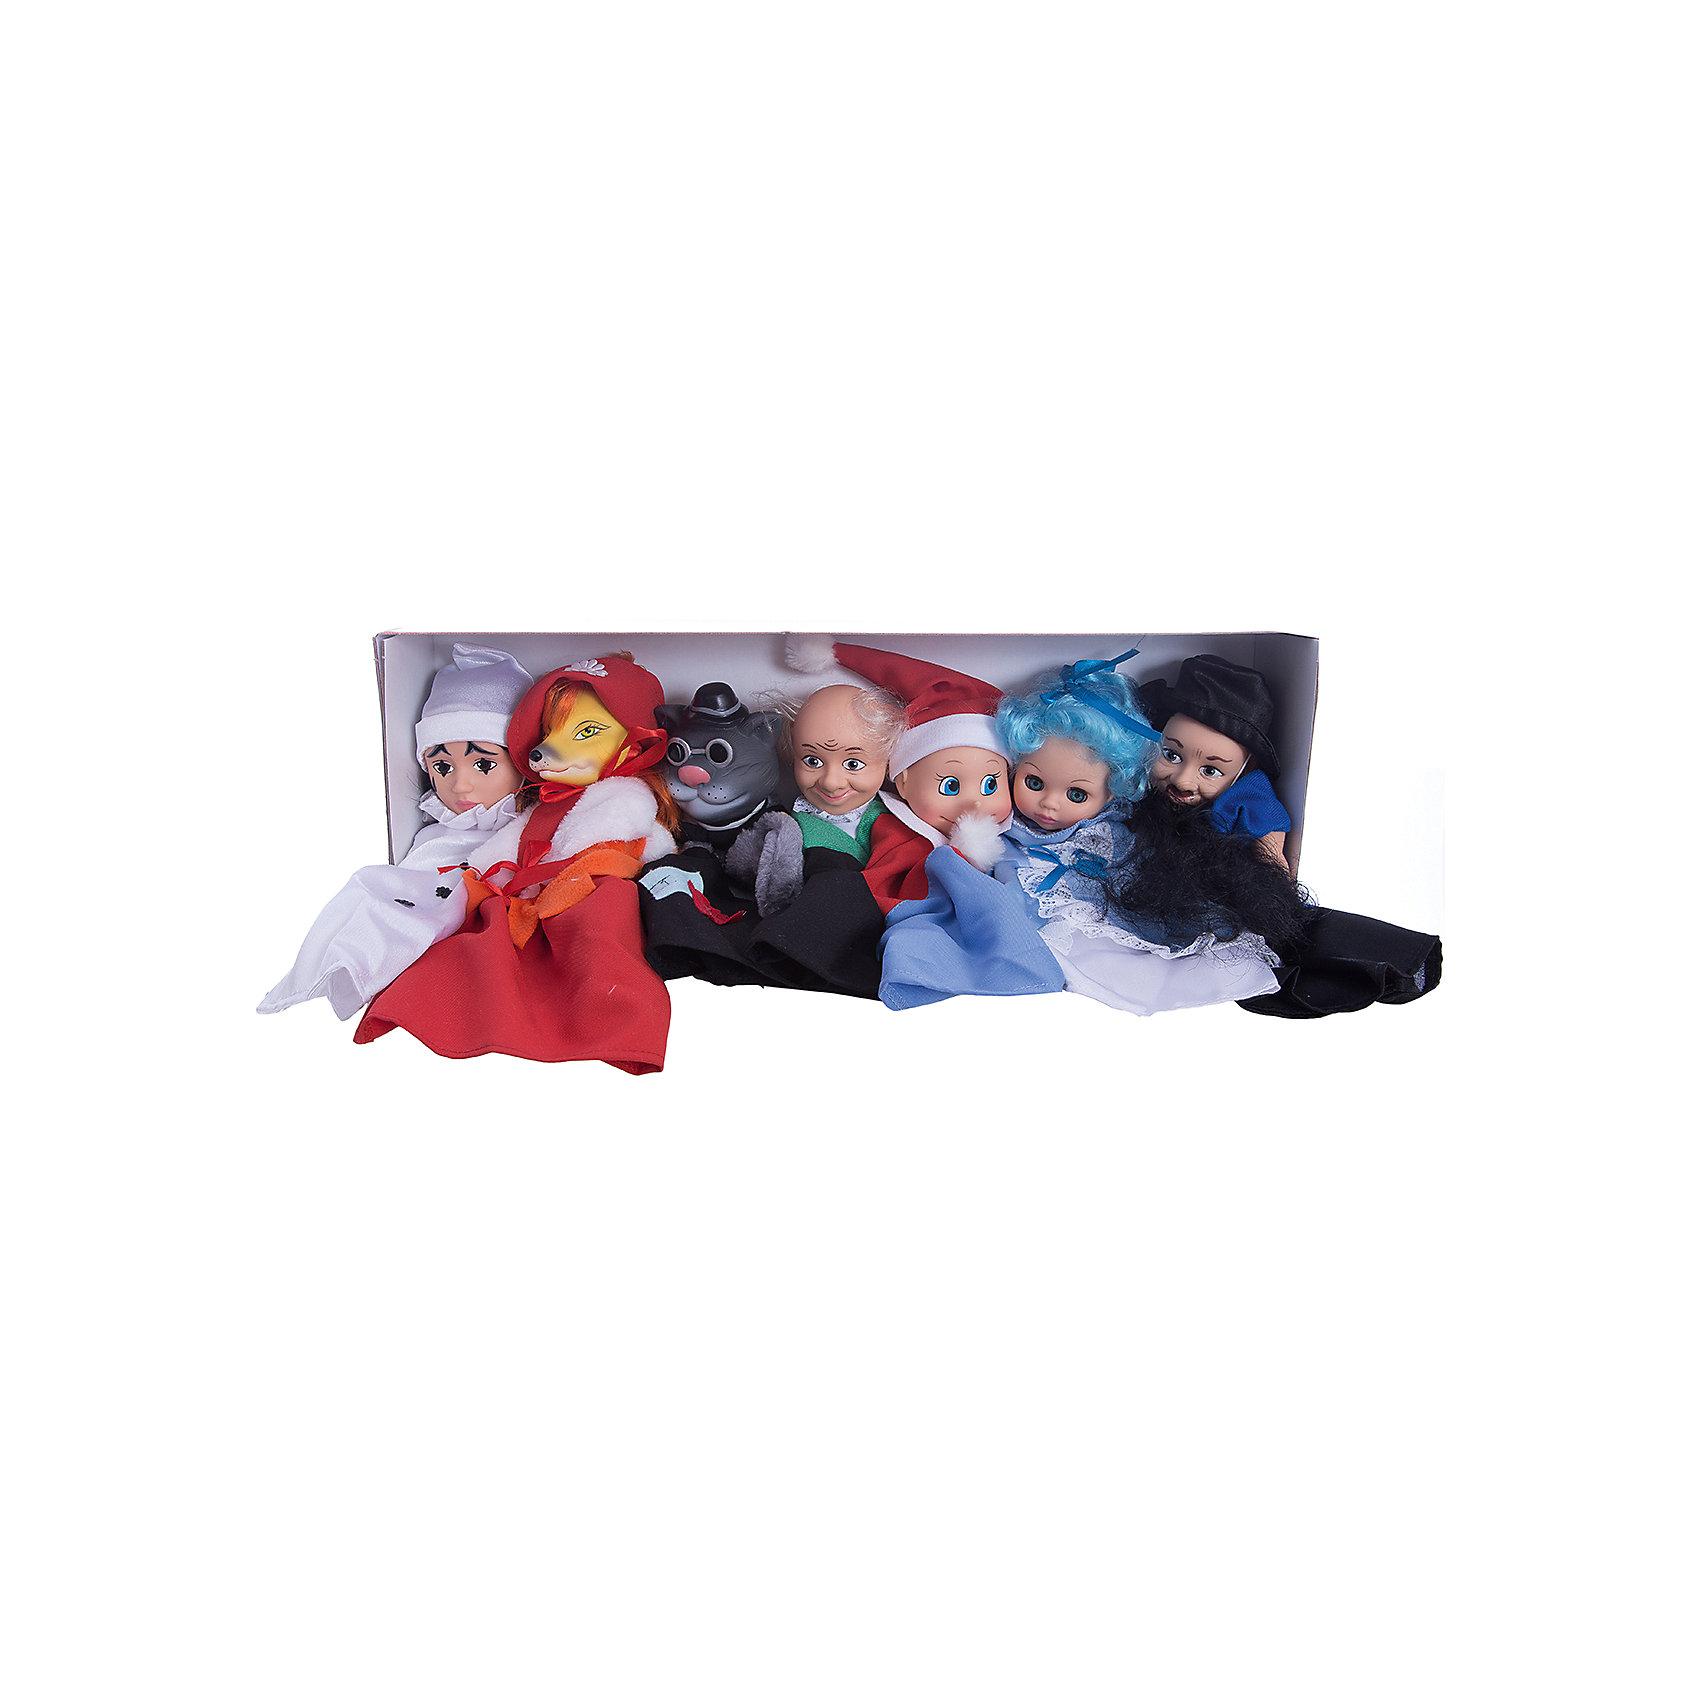 Кукольный театр по сказкам №1, ВеснаИгрушки<br>Кукольный театр по сказкам №1, Весна<br><br>Характеристики:<br><br>• перчаточные куклы для кукольного спектакля<br>• по мотивам сказки А. Толстого Буратино<br>• в комплекте: 7 кукол<br>• материал: пластик, текстиль<br>• размер упаковки: 52,7х10,2х18,6 см<br>• вес: 1,27 кг<br><br>Набор №1 создан по мотивам всеми любимых Приключений Буратино. В комплект входят 7 перчаточных кукол, главных персонажей сказки. Наденьте их на пальце и покажите ребенку интересный спектакль. Дети постарше смогут справиться с этой задачей сами, а может даже придумают новую историю про главных героев. Это поможет развить воображение, творческие способности и память.<br><br>Кукольный театр по сказкам №1, Весна вы можете купить в нашем интернет-магазине.<br><br>Ширина мм: 430<br>Глубина мм: 350<br>Высота мм: 95<br>Вес г: 1280<br>Возраст от месяцев: 36<br>Возраст до месяцев: 144<br>Пол: Женский<br>Возраст: Детский<br>SKU: 4896503